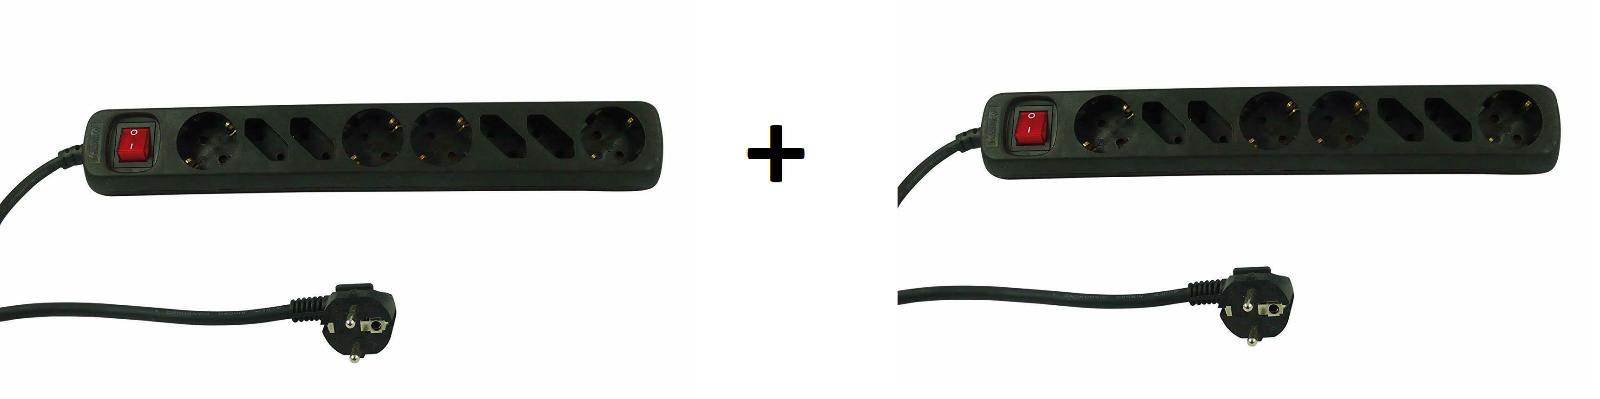 2x REV 8 Fach Steckdosenleiste Mehrfachstecker mit Schalter Steckdose Mehrfach